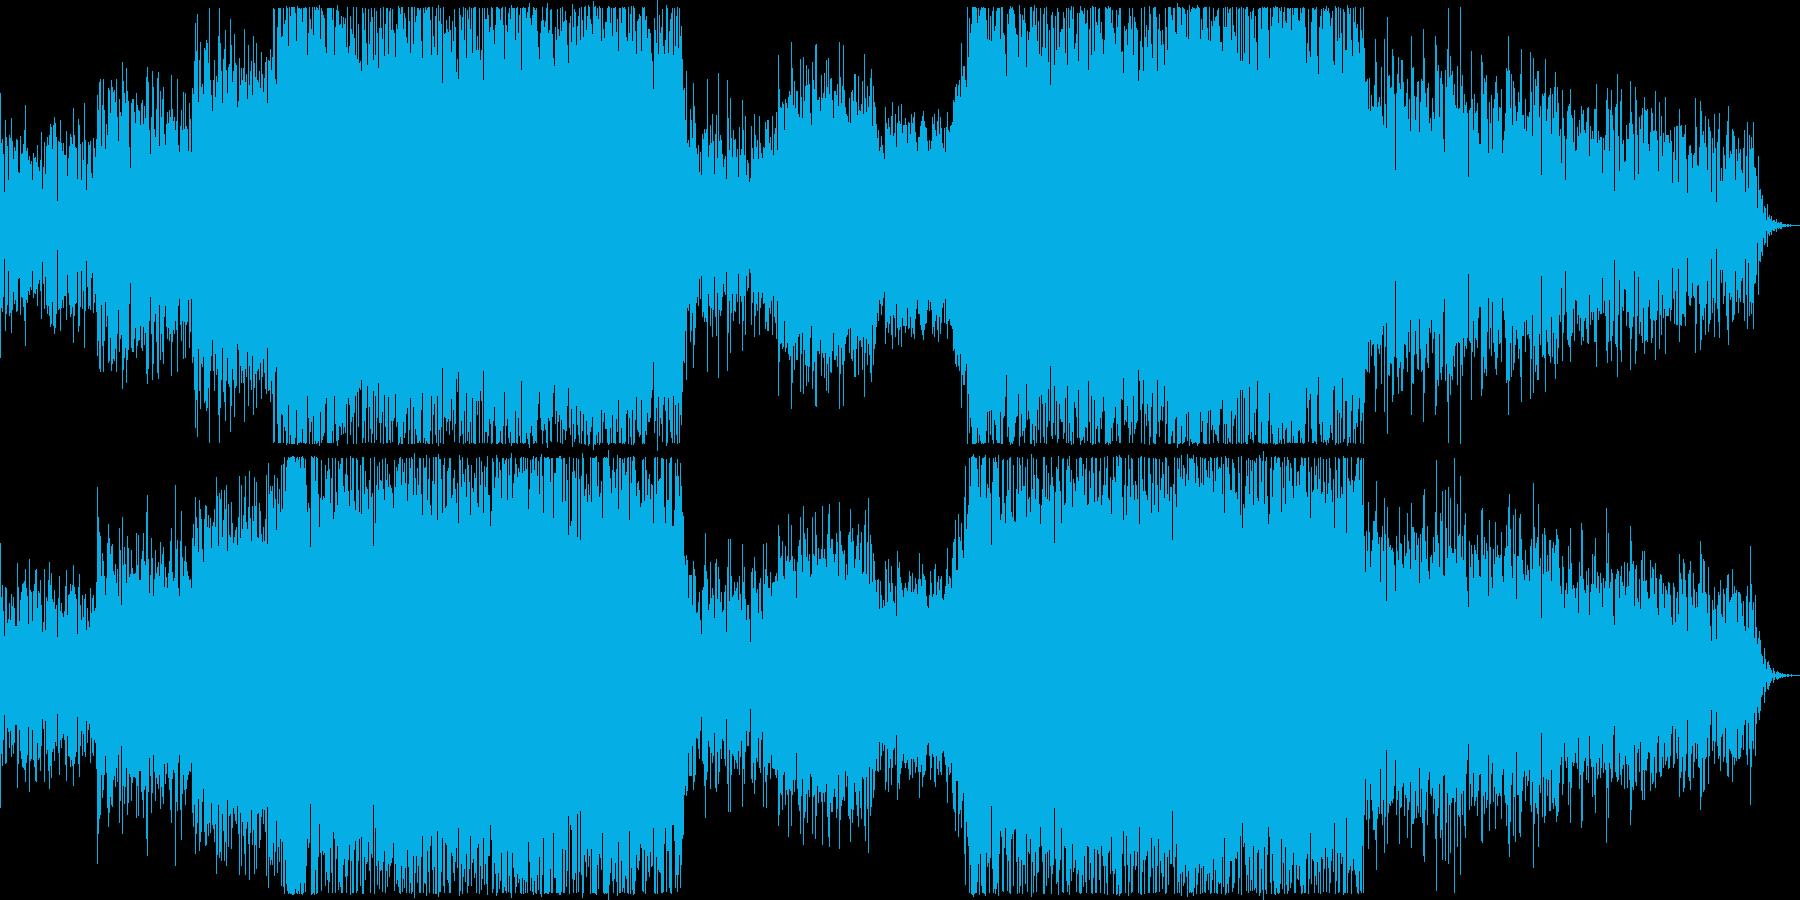 壮大な荒野シーンにて流れていそうな劇伴曲の再生済みの波形